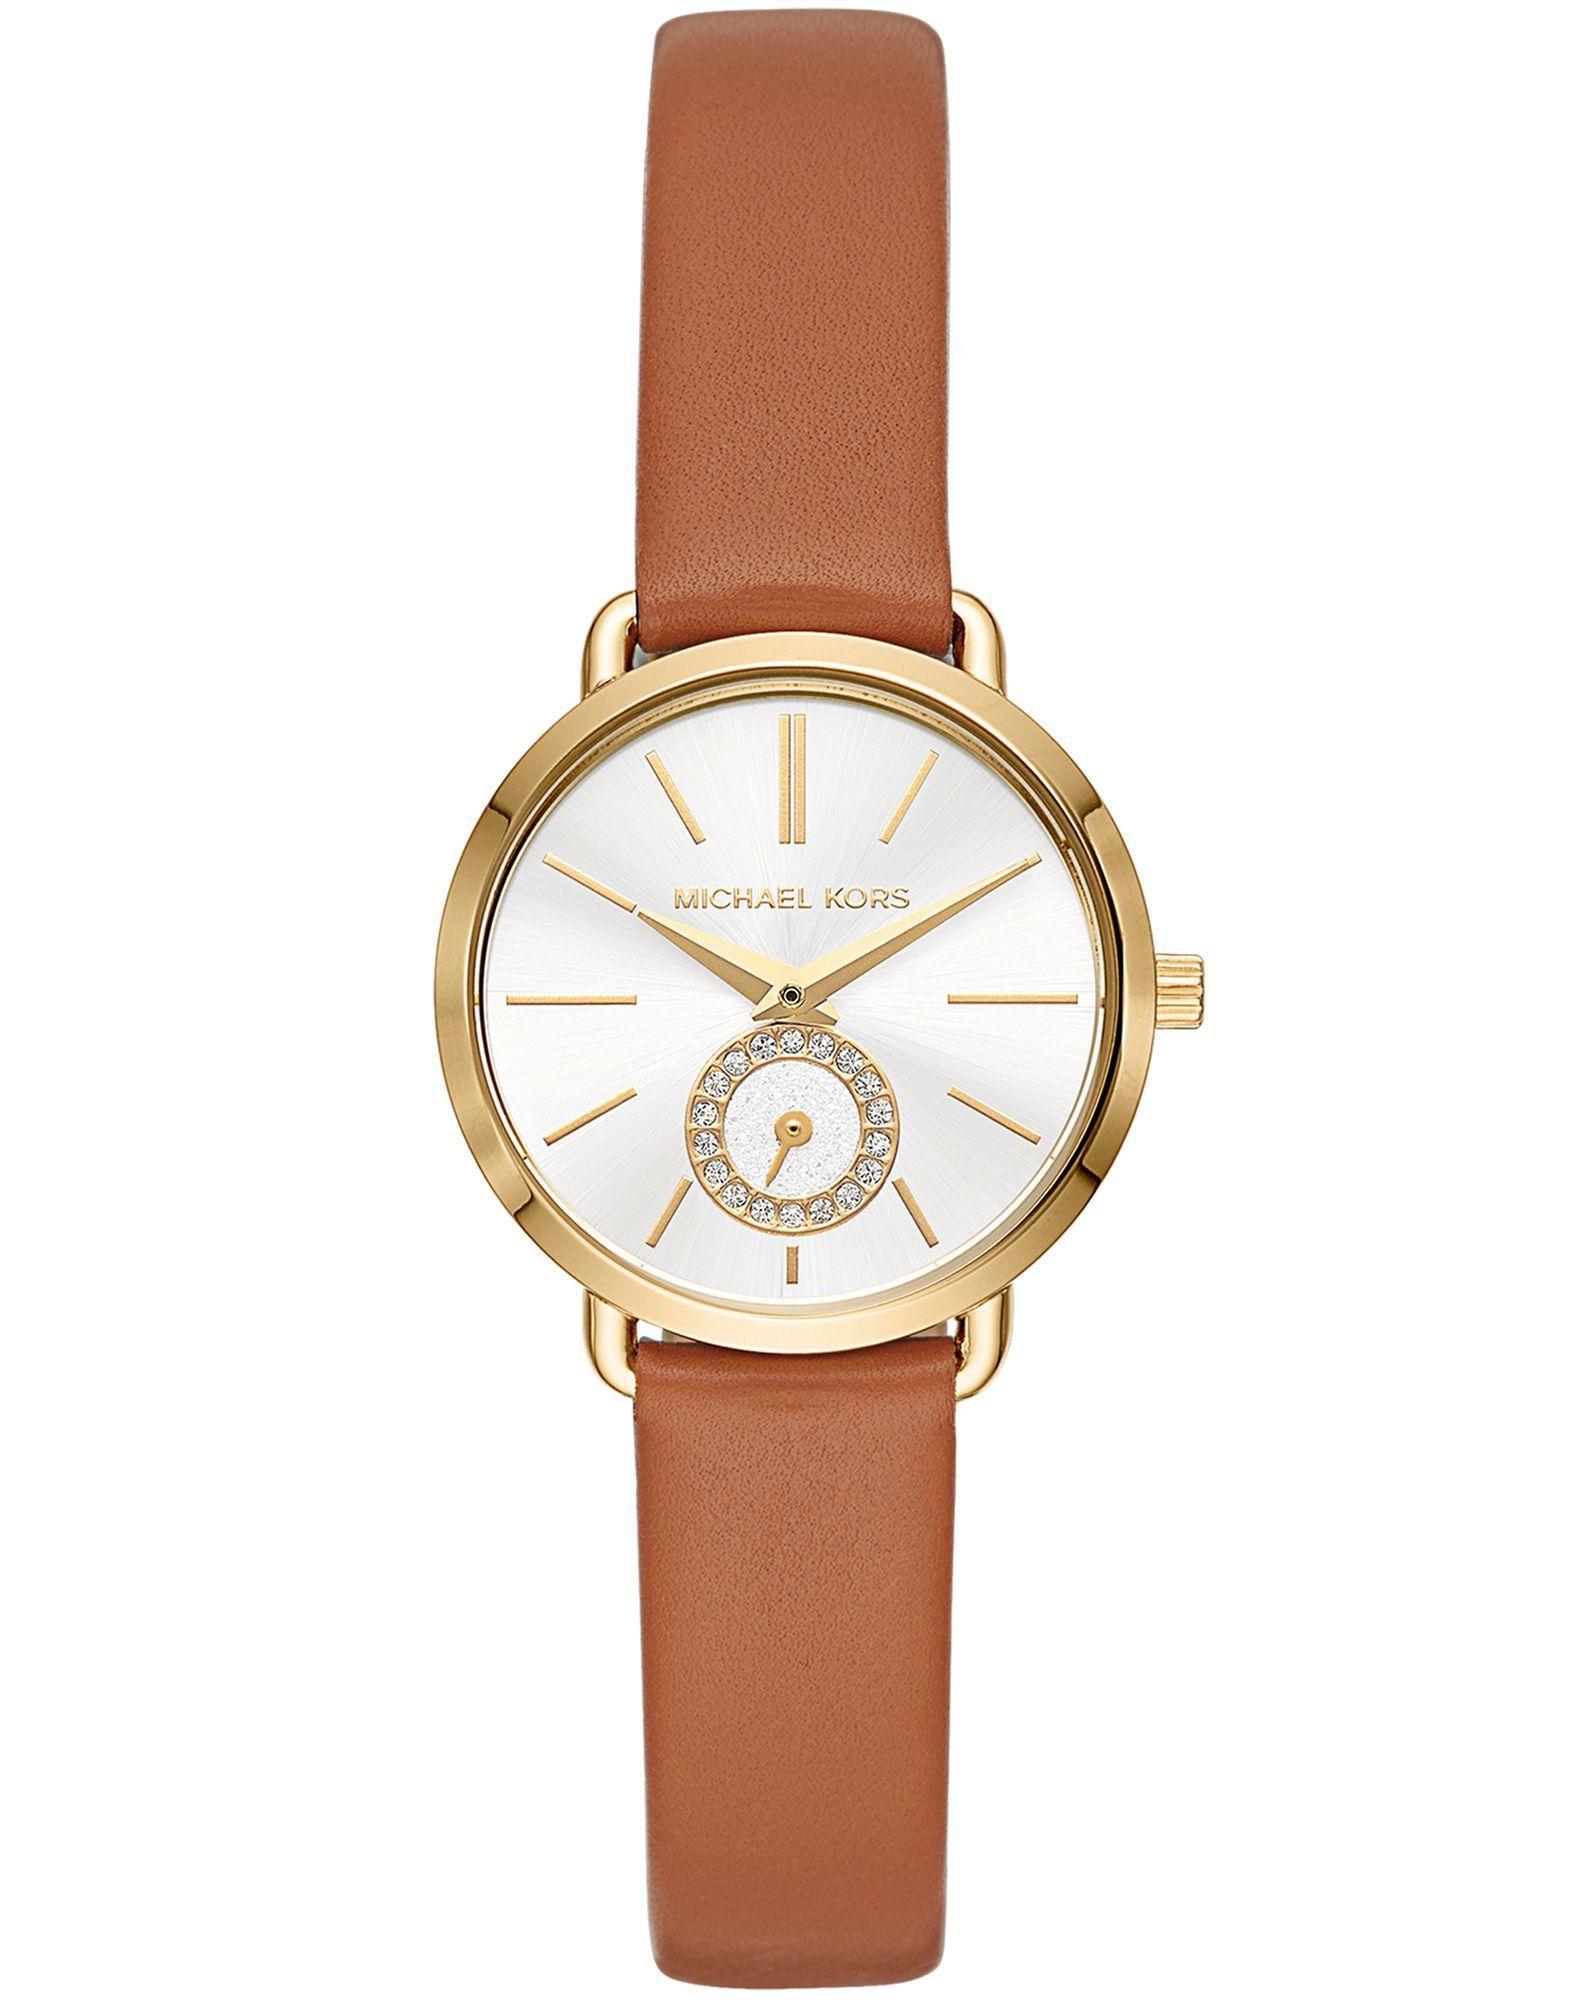 MICHAEL KORS Наручные часы michael kors наручные часы